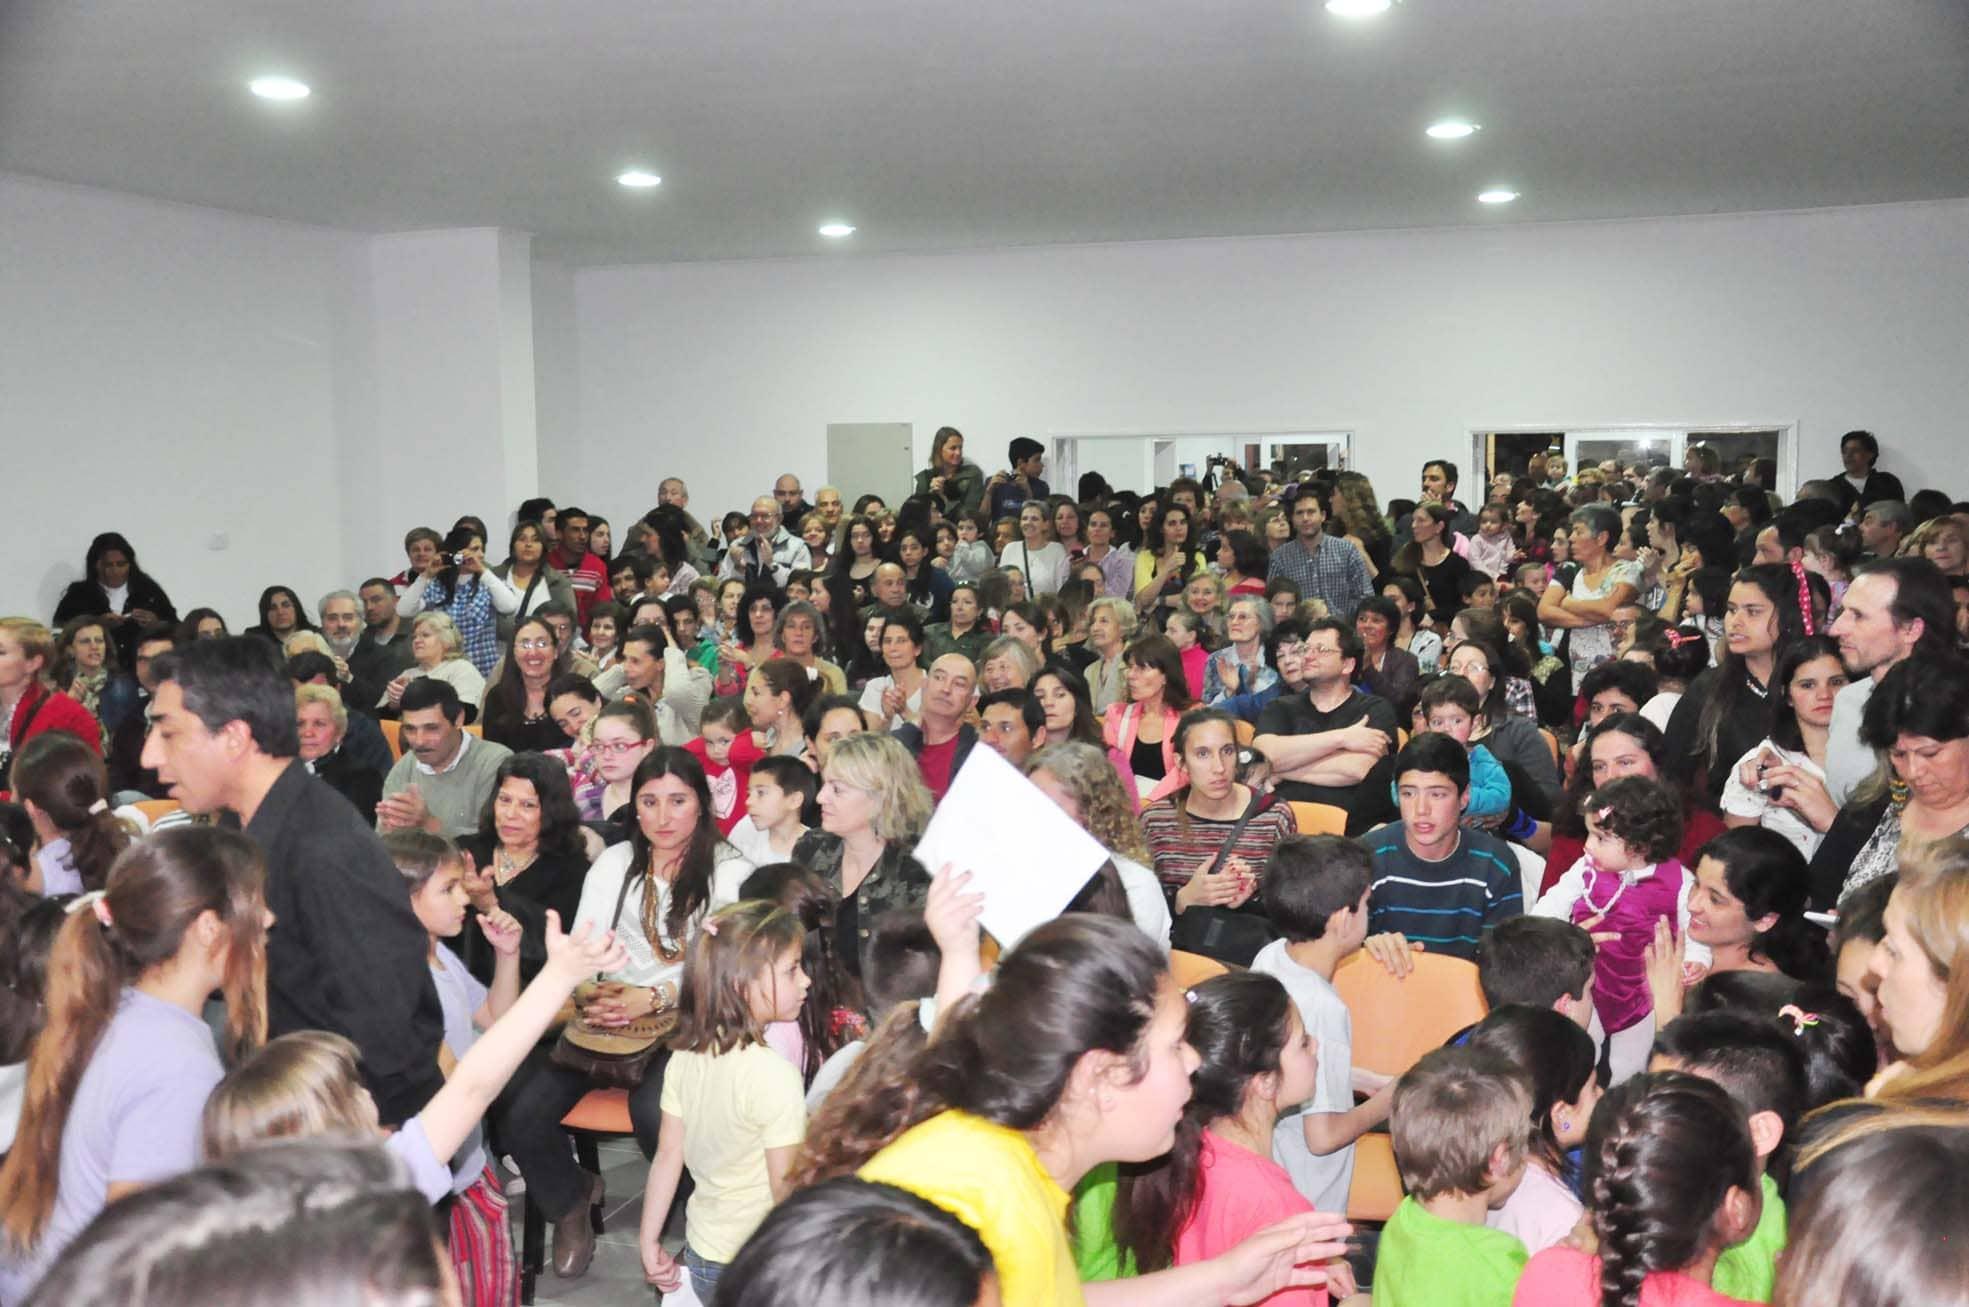 inauguración de la Escuela Municipal de Música - septiembre 2015 (30)